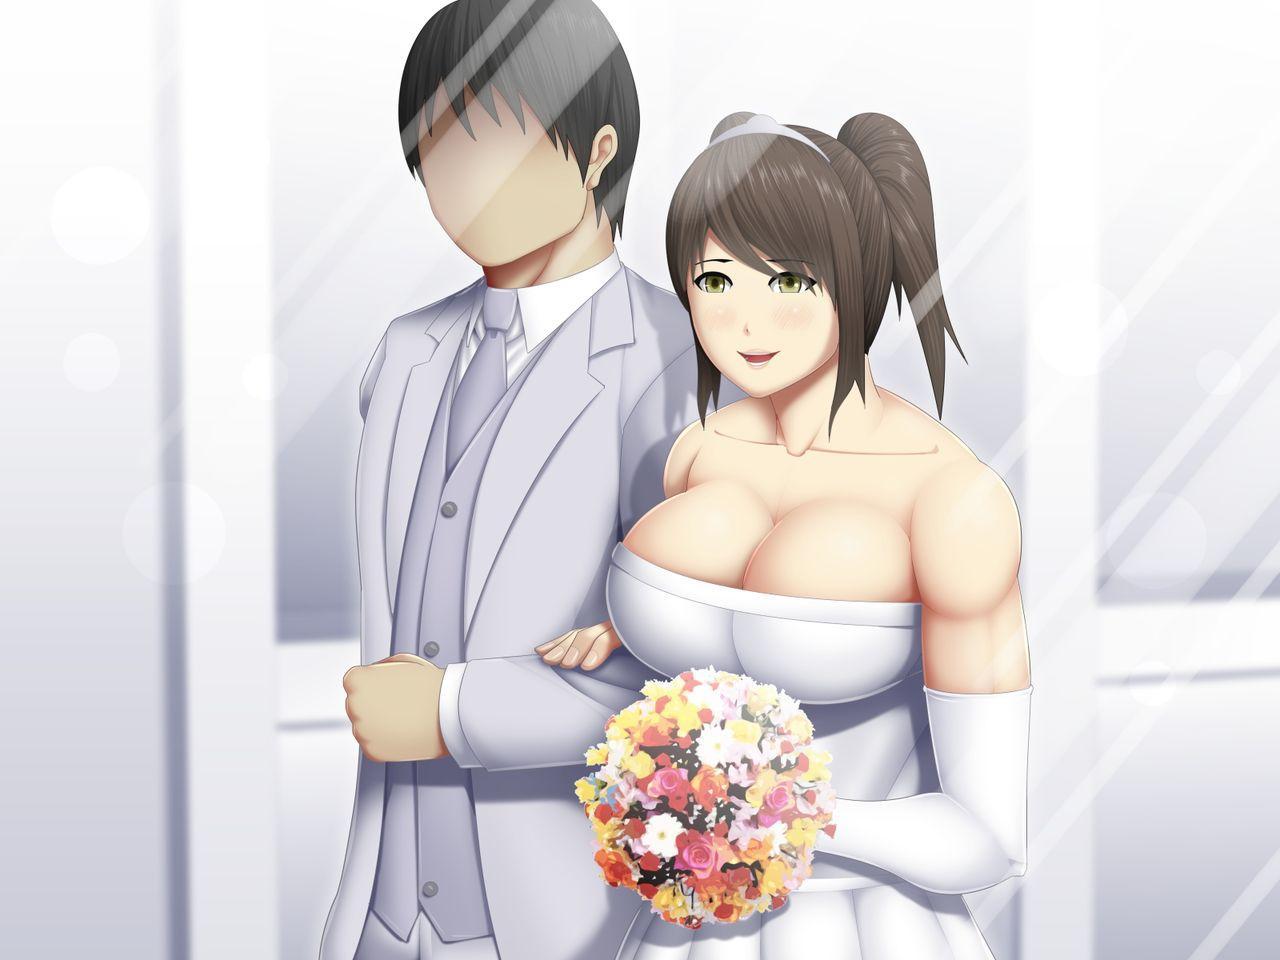 Uchiki na Jyumai ga Ore no Tame ni Karada o Kitaeta Kekka 233